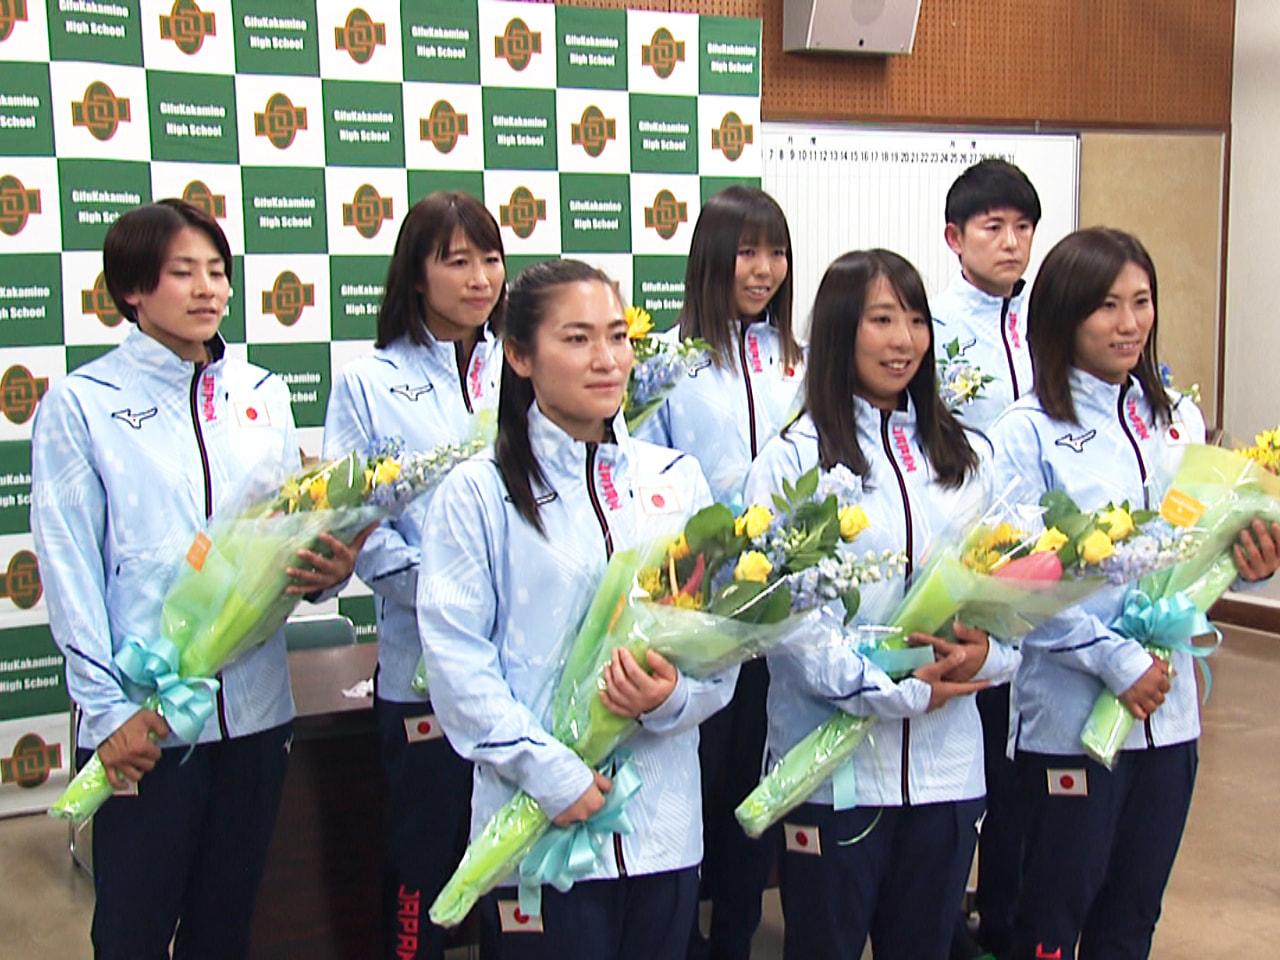 東京オリンピックに出場するホッケー女子日本代表「さくらジャパン」のメンバーが21...